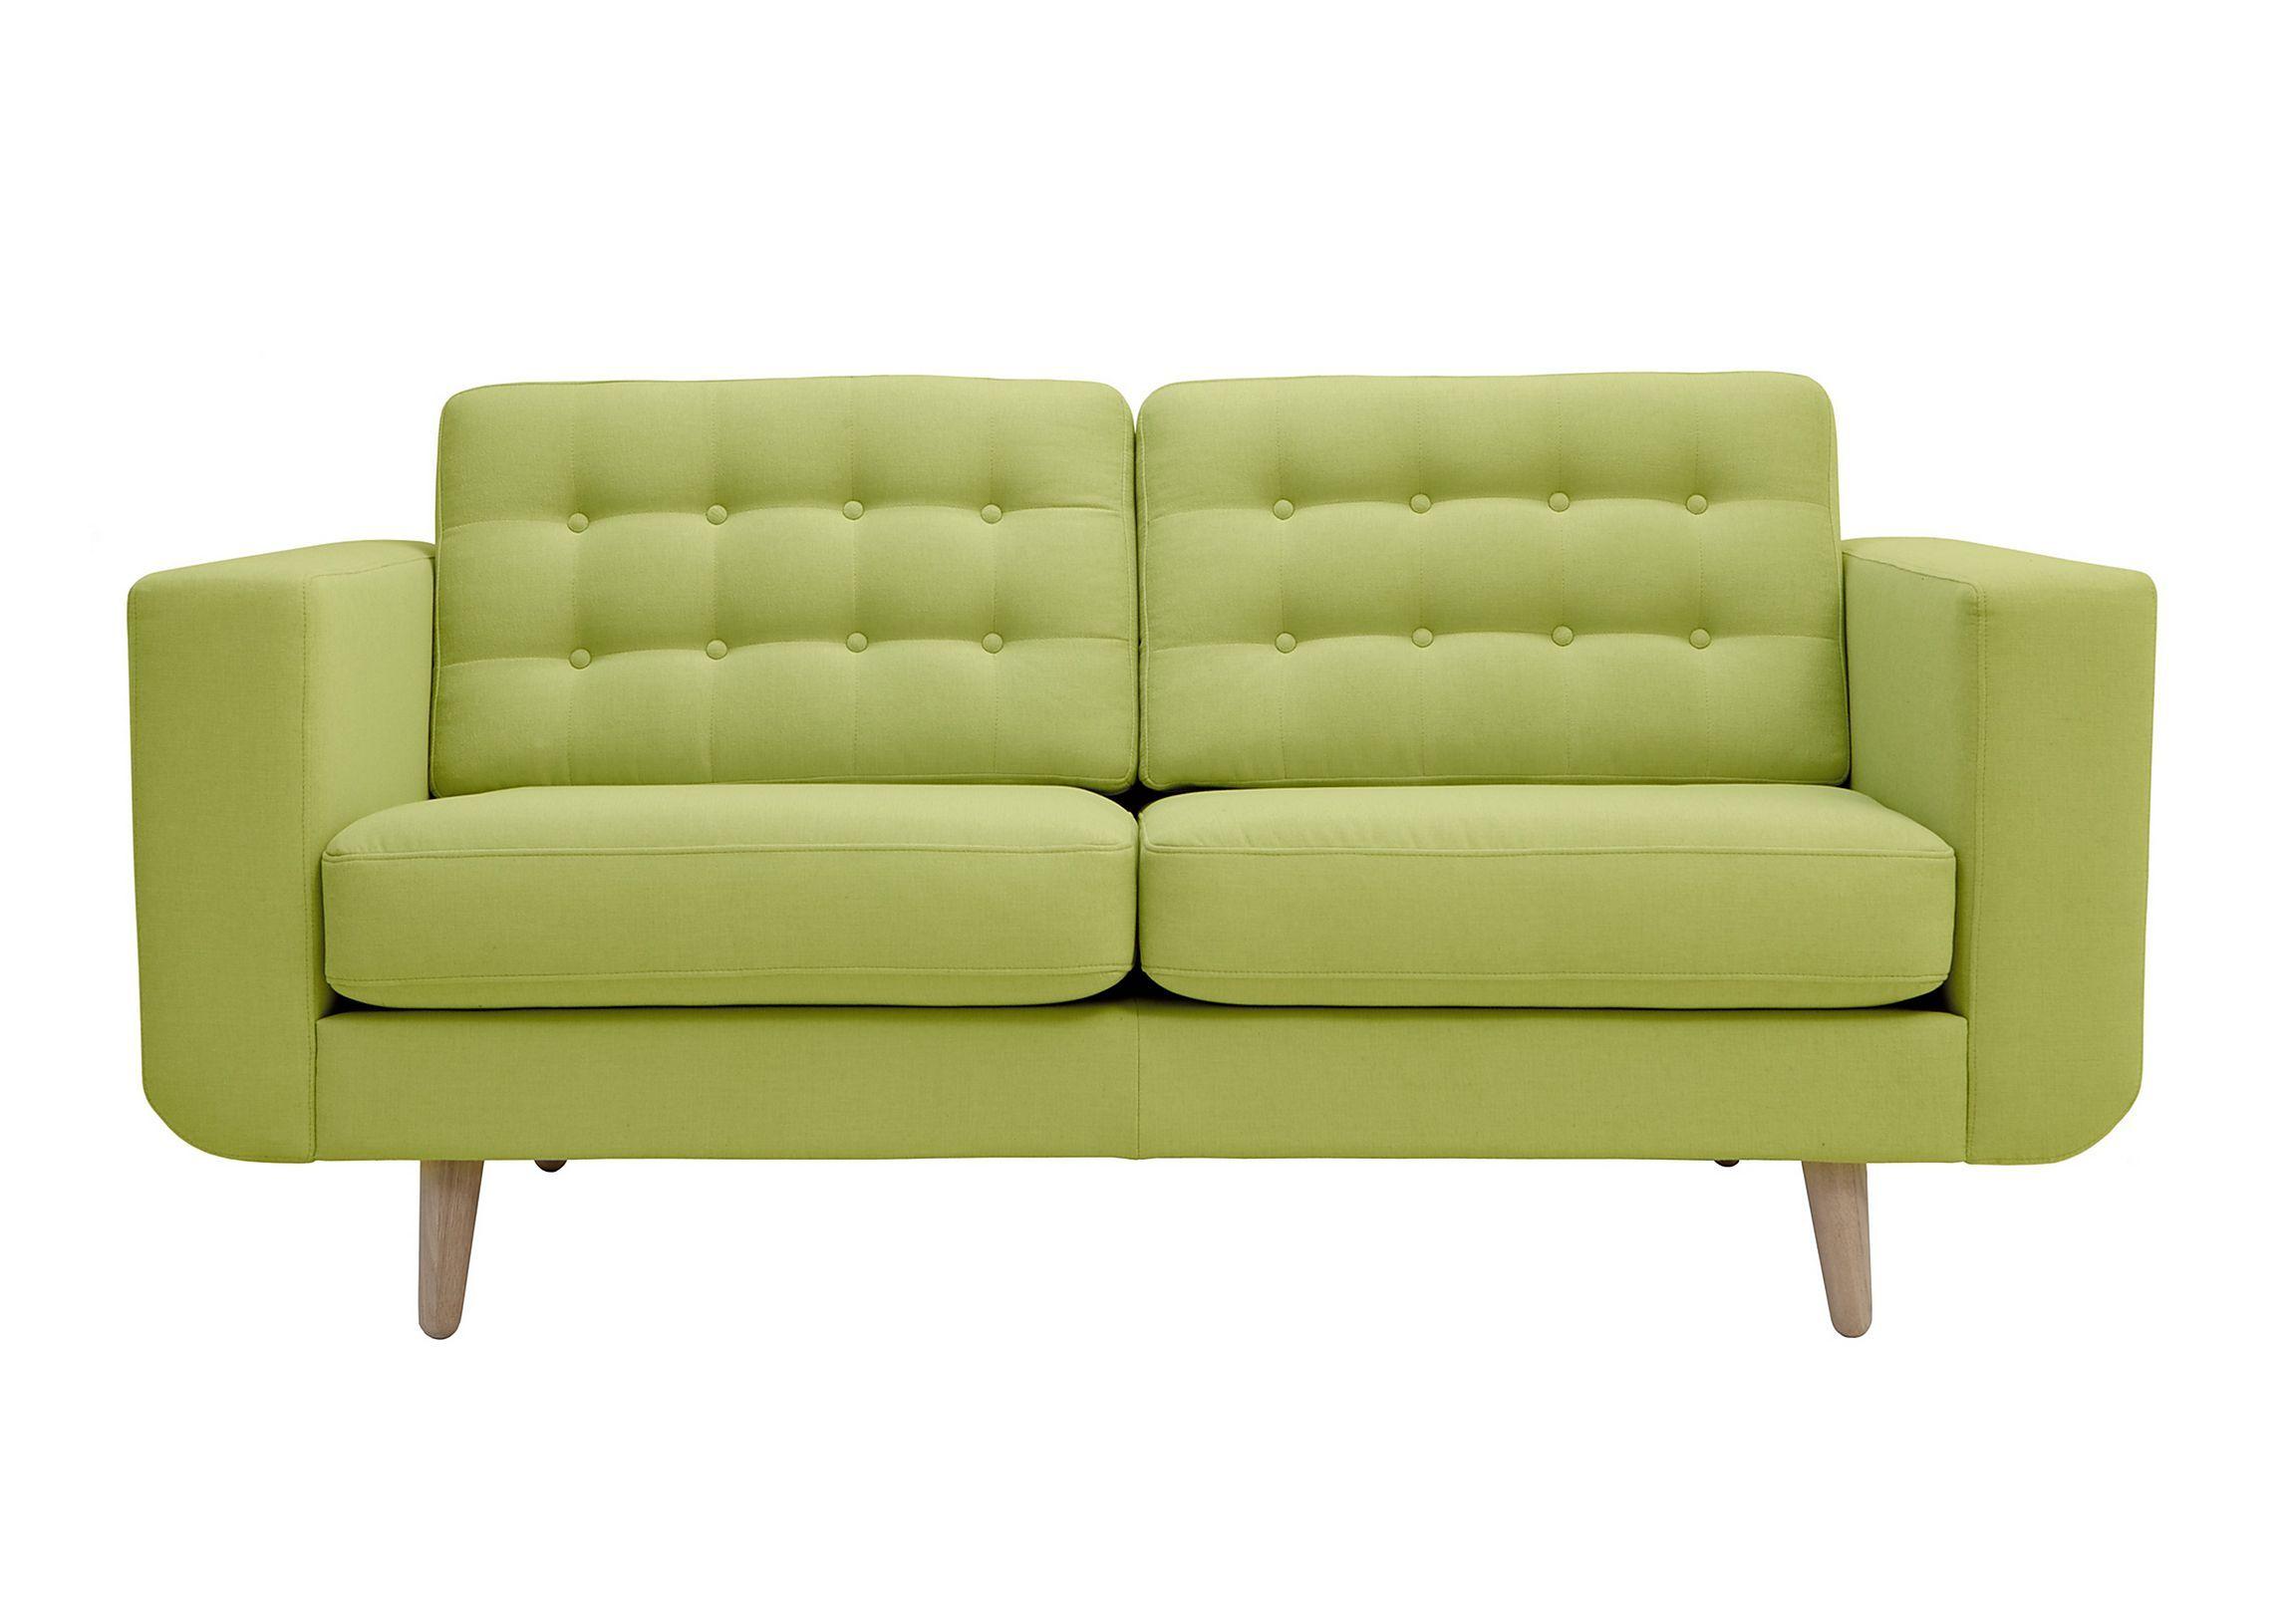 Shop Now Alva Large 2 Seater Sofa Furniture Village Sofa Fabric Sofa Seater Sofa